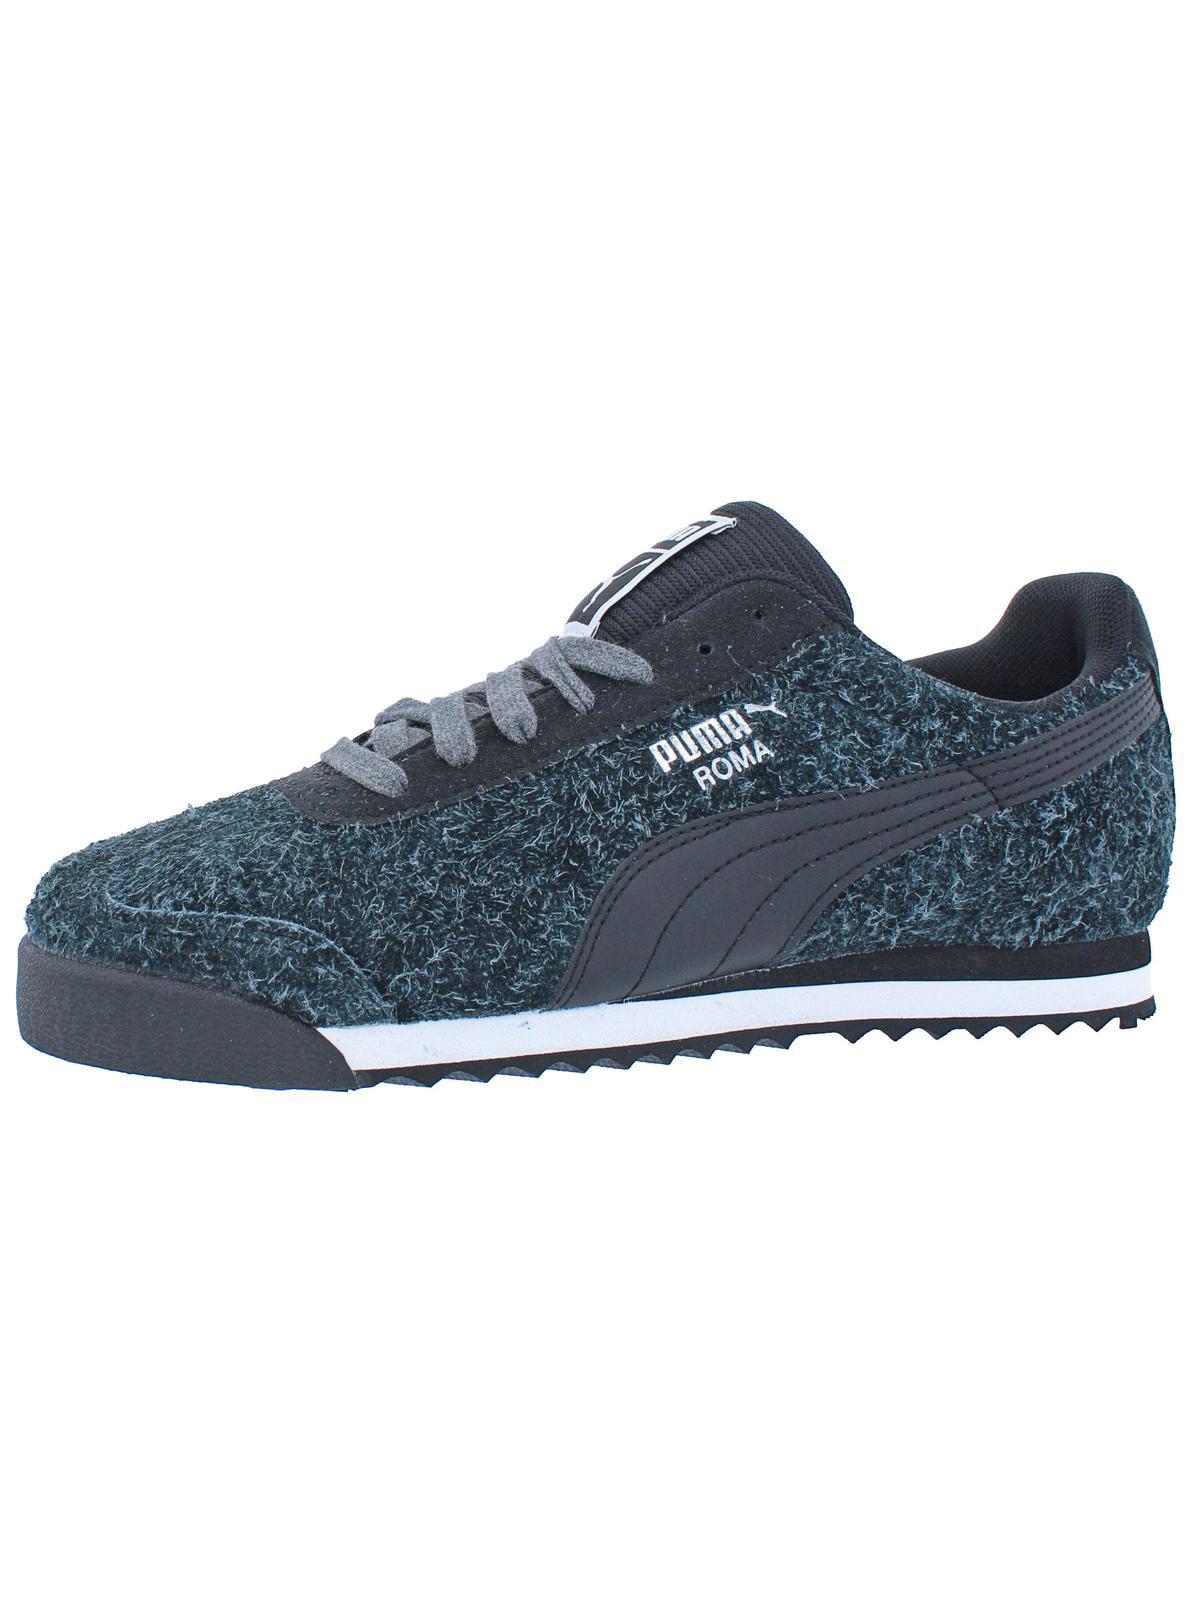 Puma Womens Roma Elemental Trainer Fashion Sneakers Black 8 Medium (B,M)